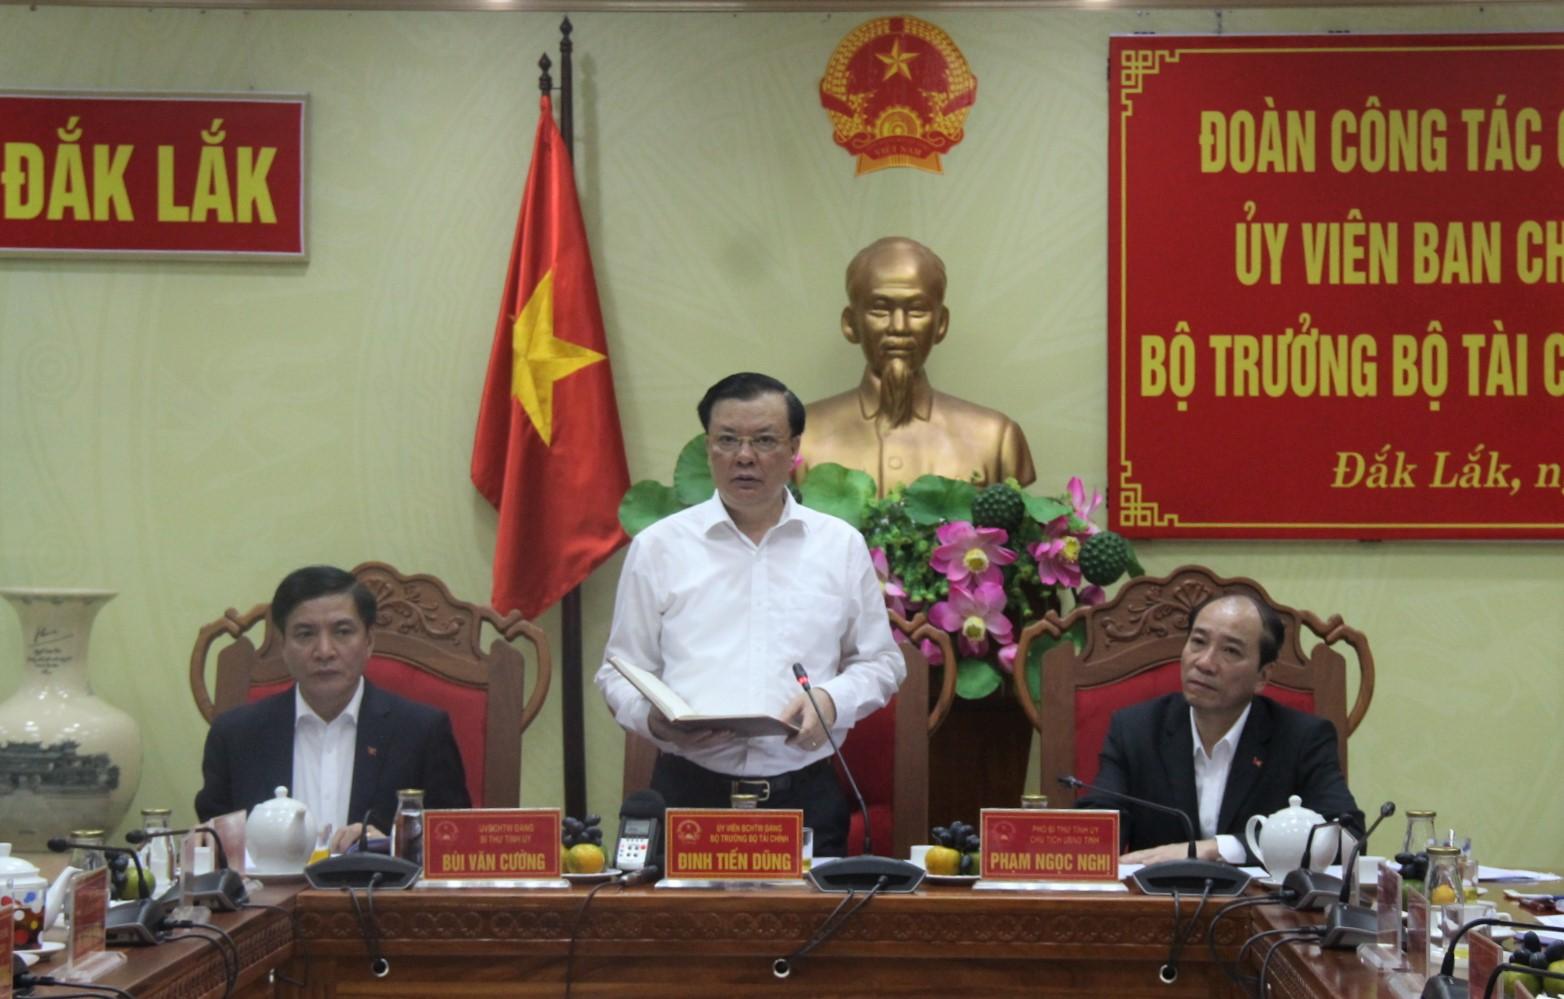 Đoàn công tác của Bộ Tài chính làm việc tại tỉnh Đắk Lắk